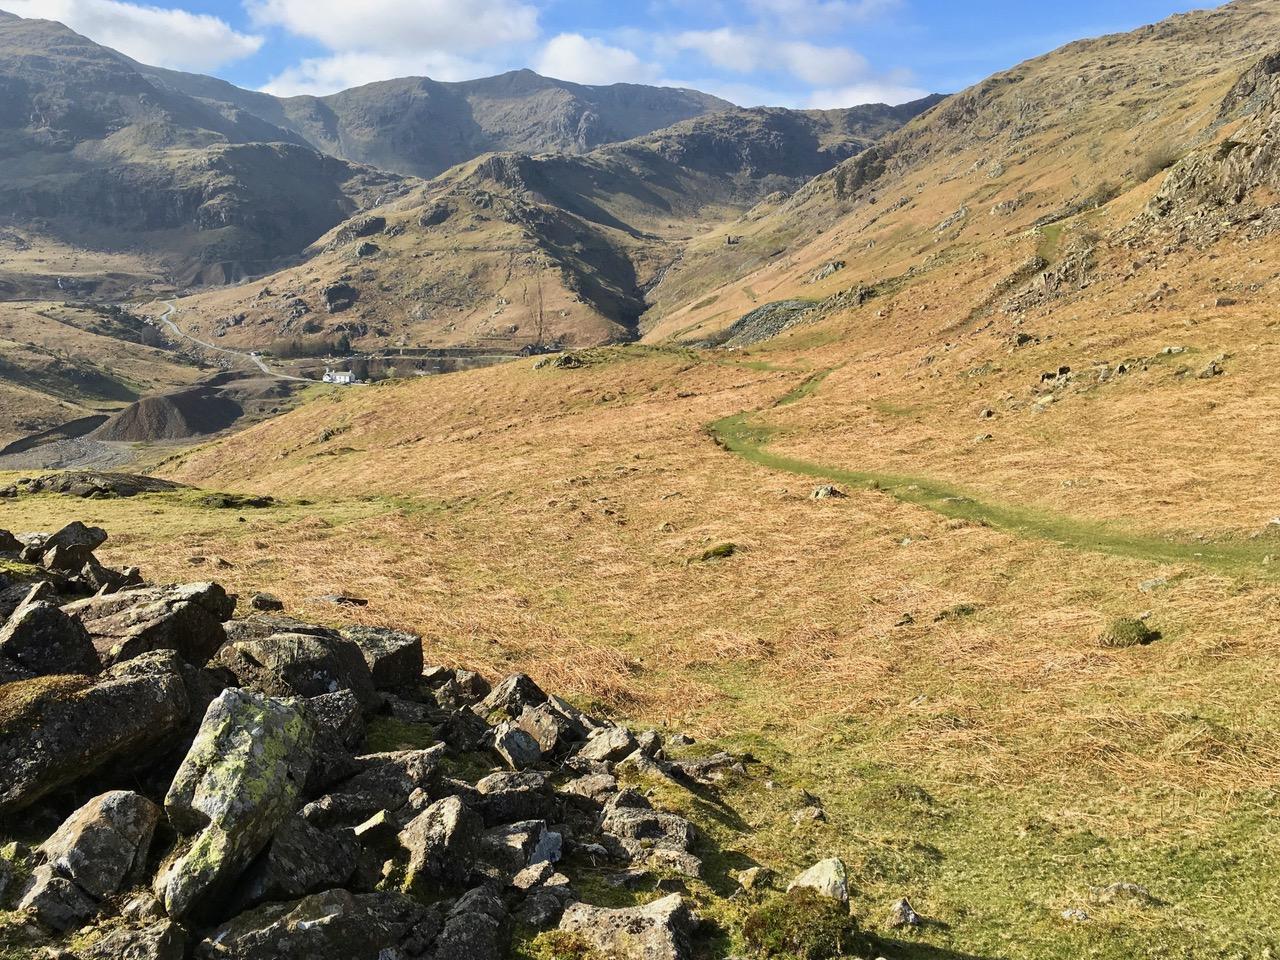 Geoweek Cumbria